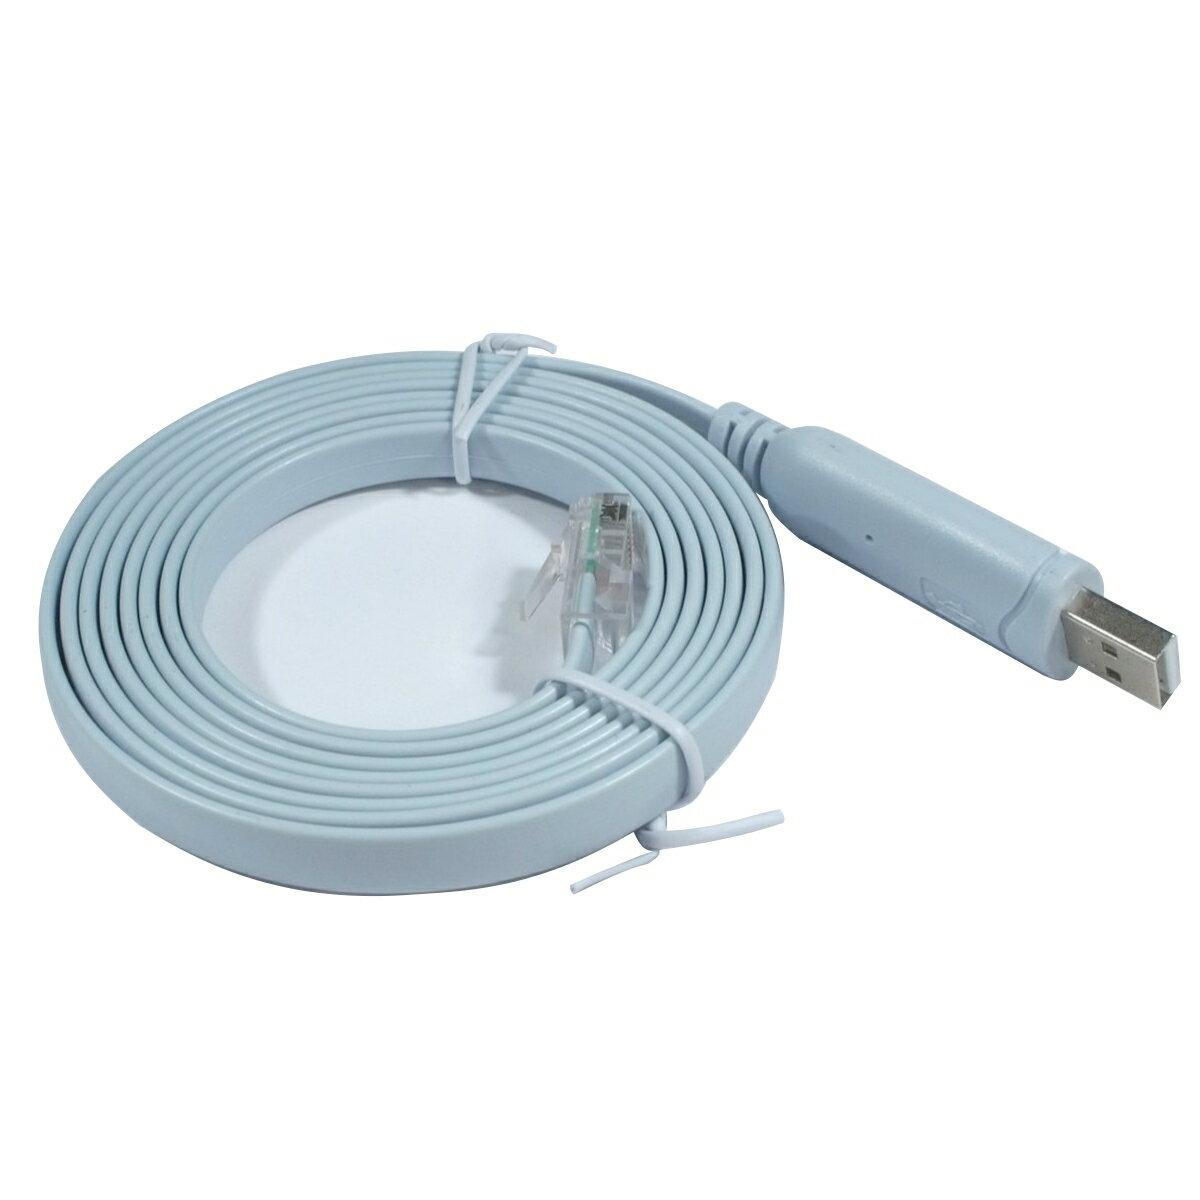 vitalcrew Cisco互換 コンソールケーブル USB-RJ45 FTDIチップ搭載【CAB-USBRJ45-LB】